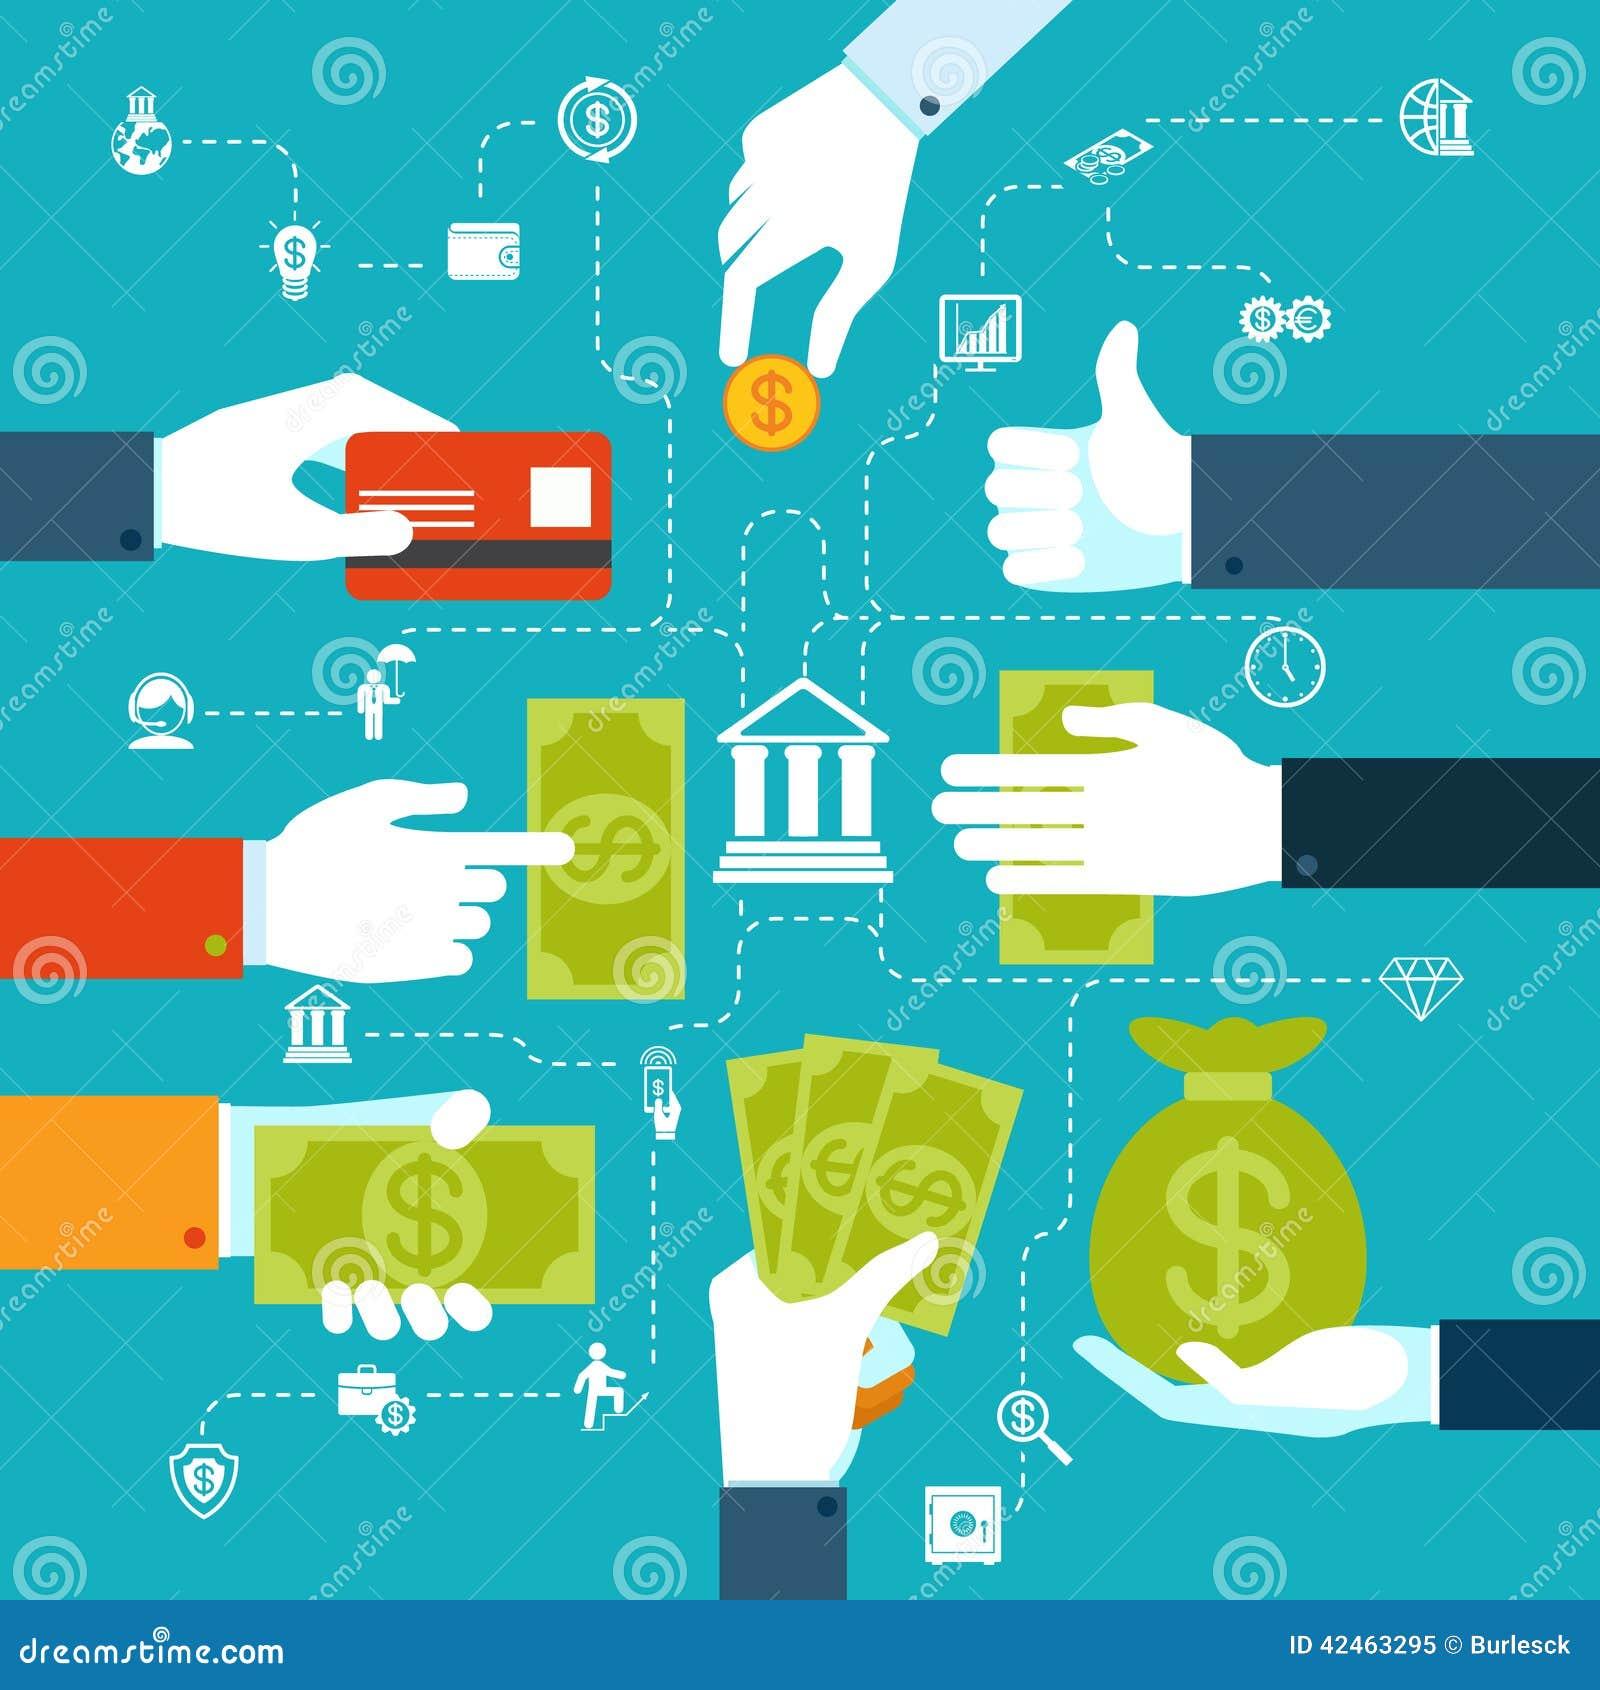 Business Development Clipart